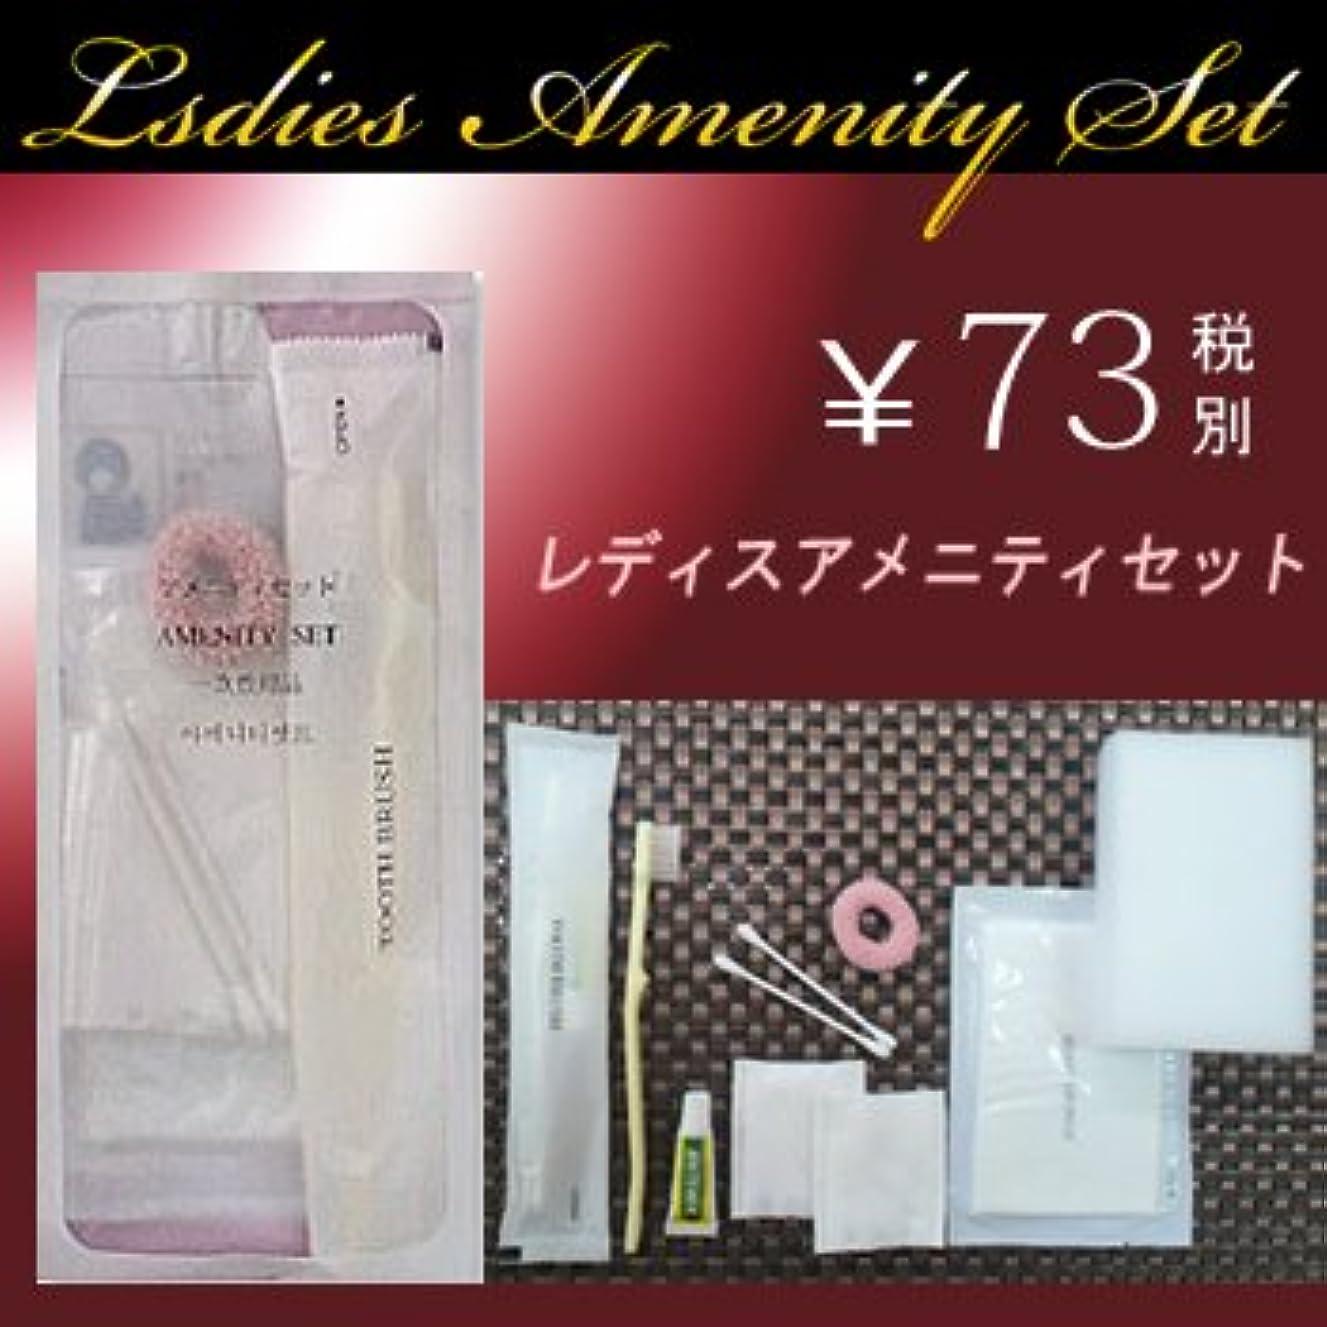 収益記事誰もレディスアメニティフルセット袋入(1セット300個入)